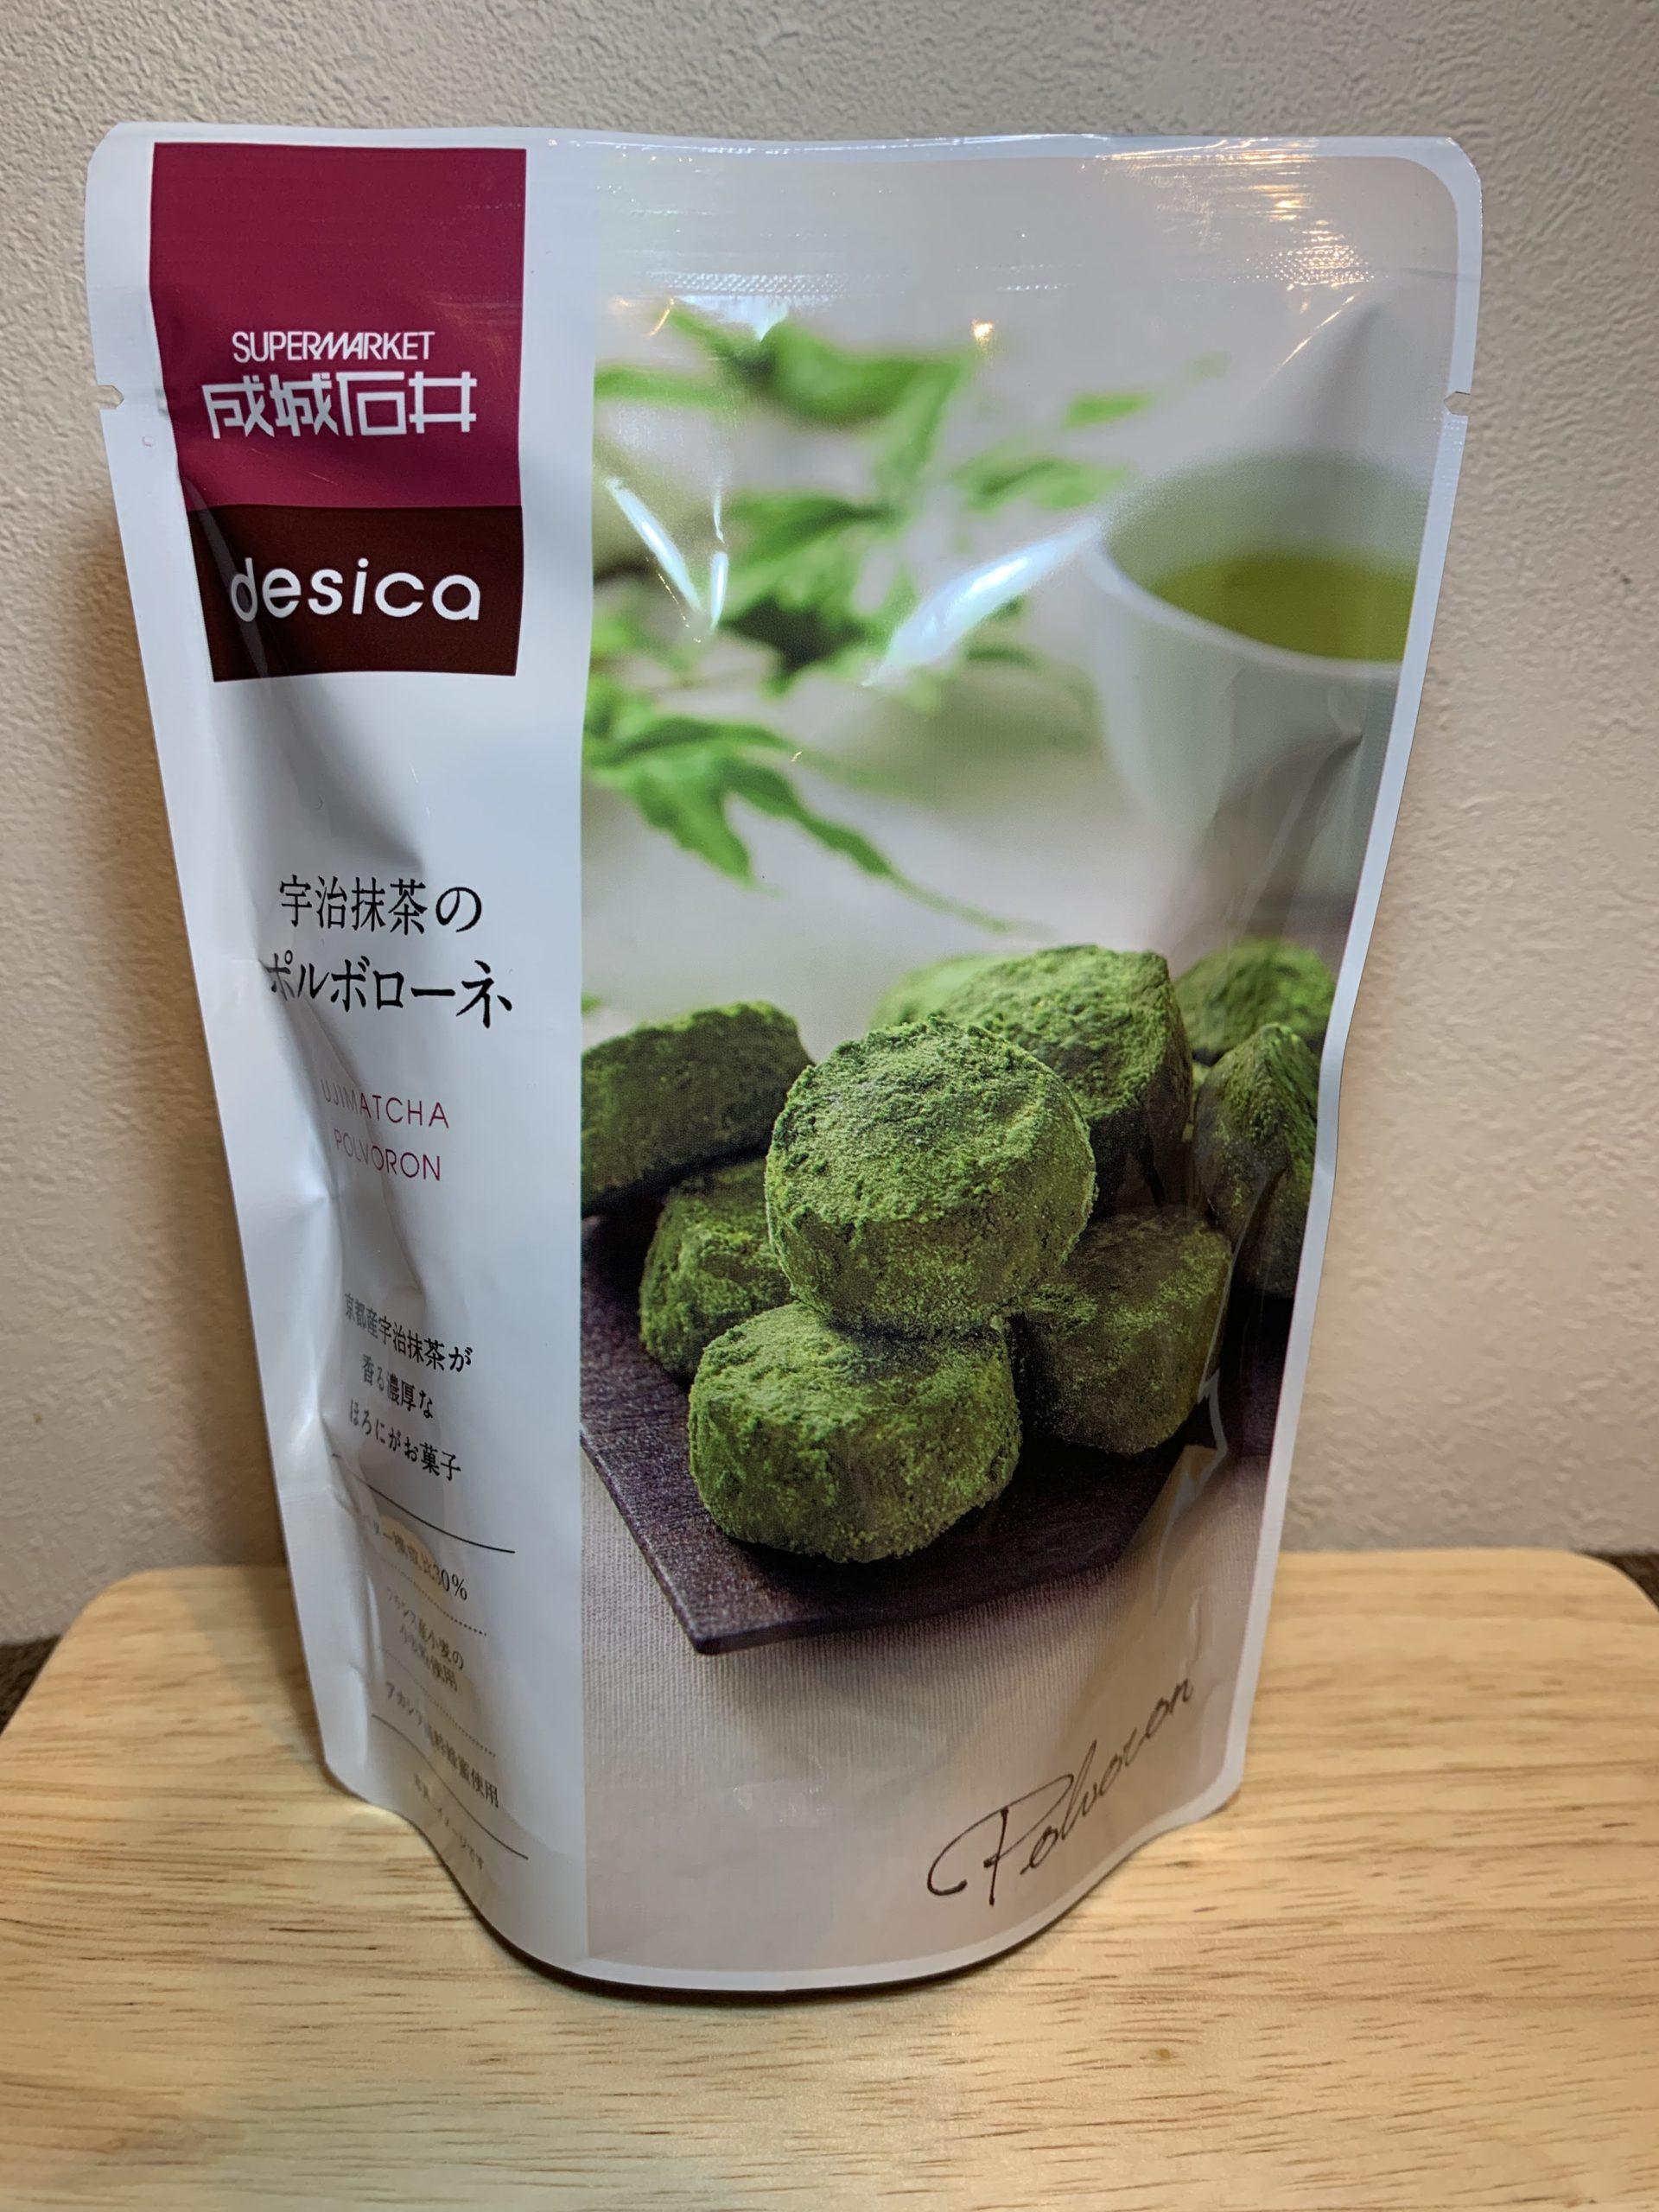 成城石井の宇治抹茶のポルボローネは抹茶好きにおすすめ!値段やカロリーは?